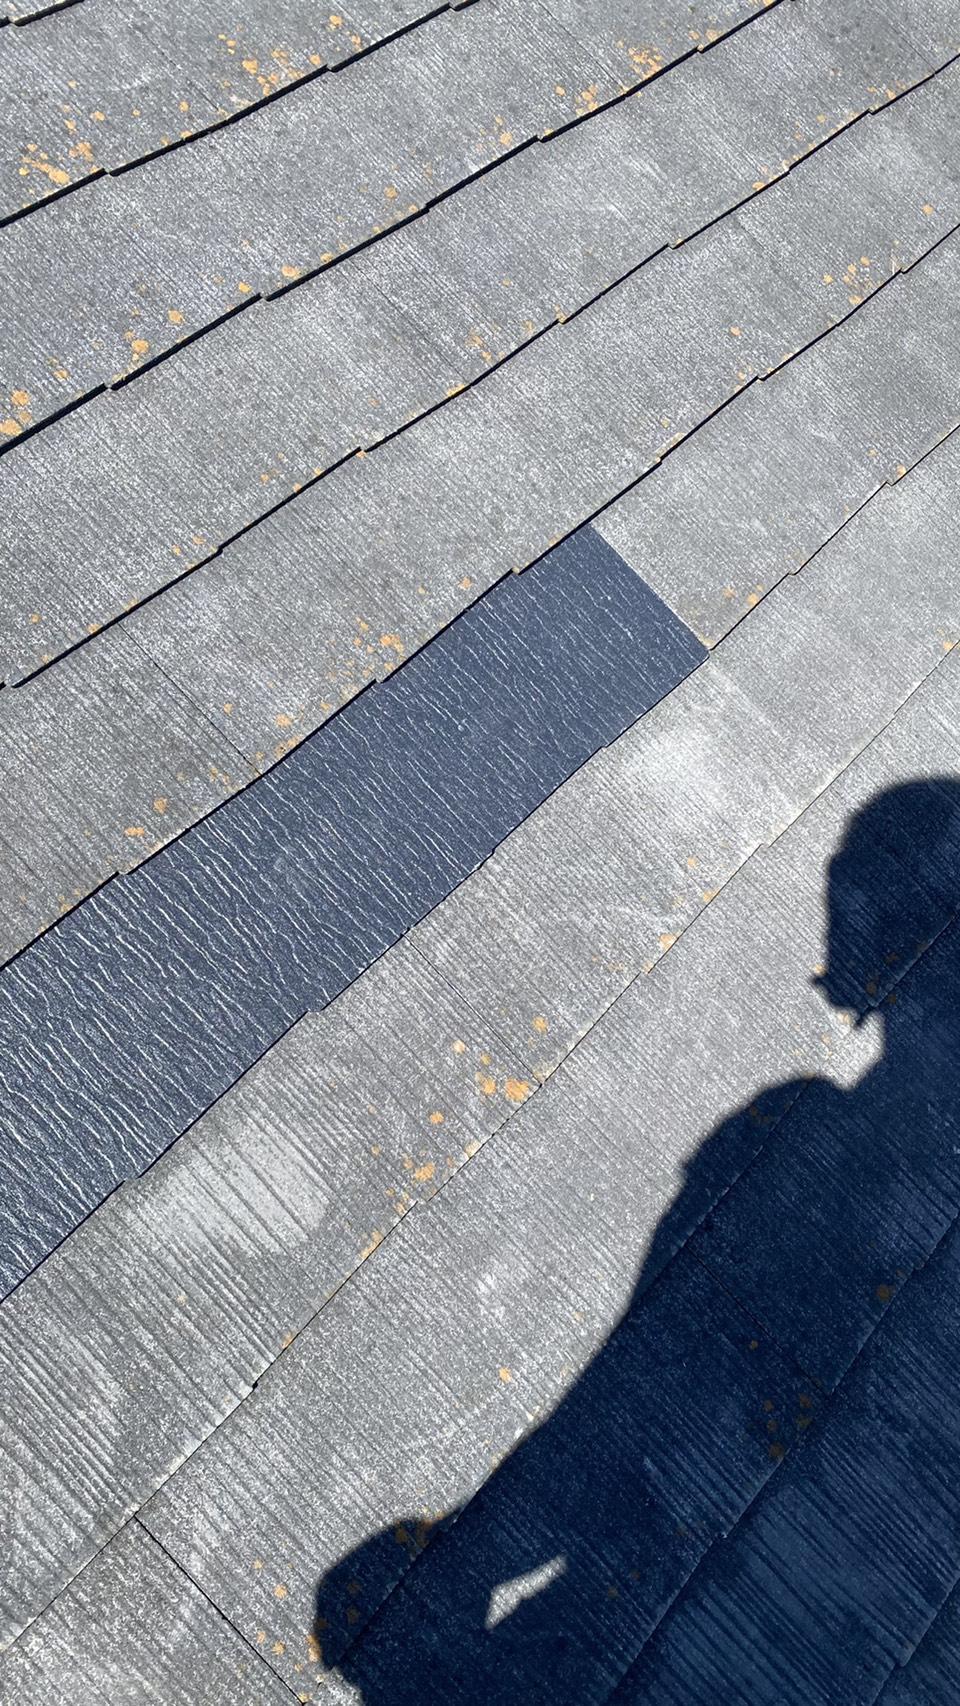 台風で割れたスレート屋根を新しいものに差し替えた様子